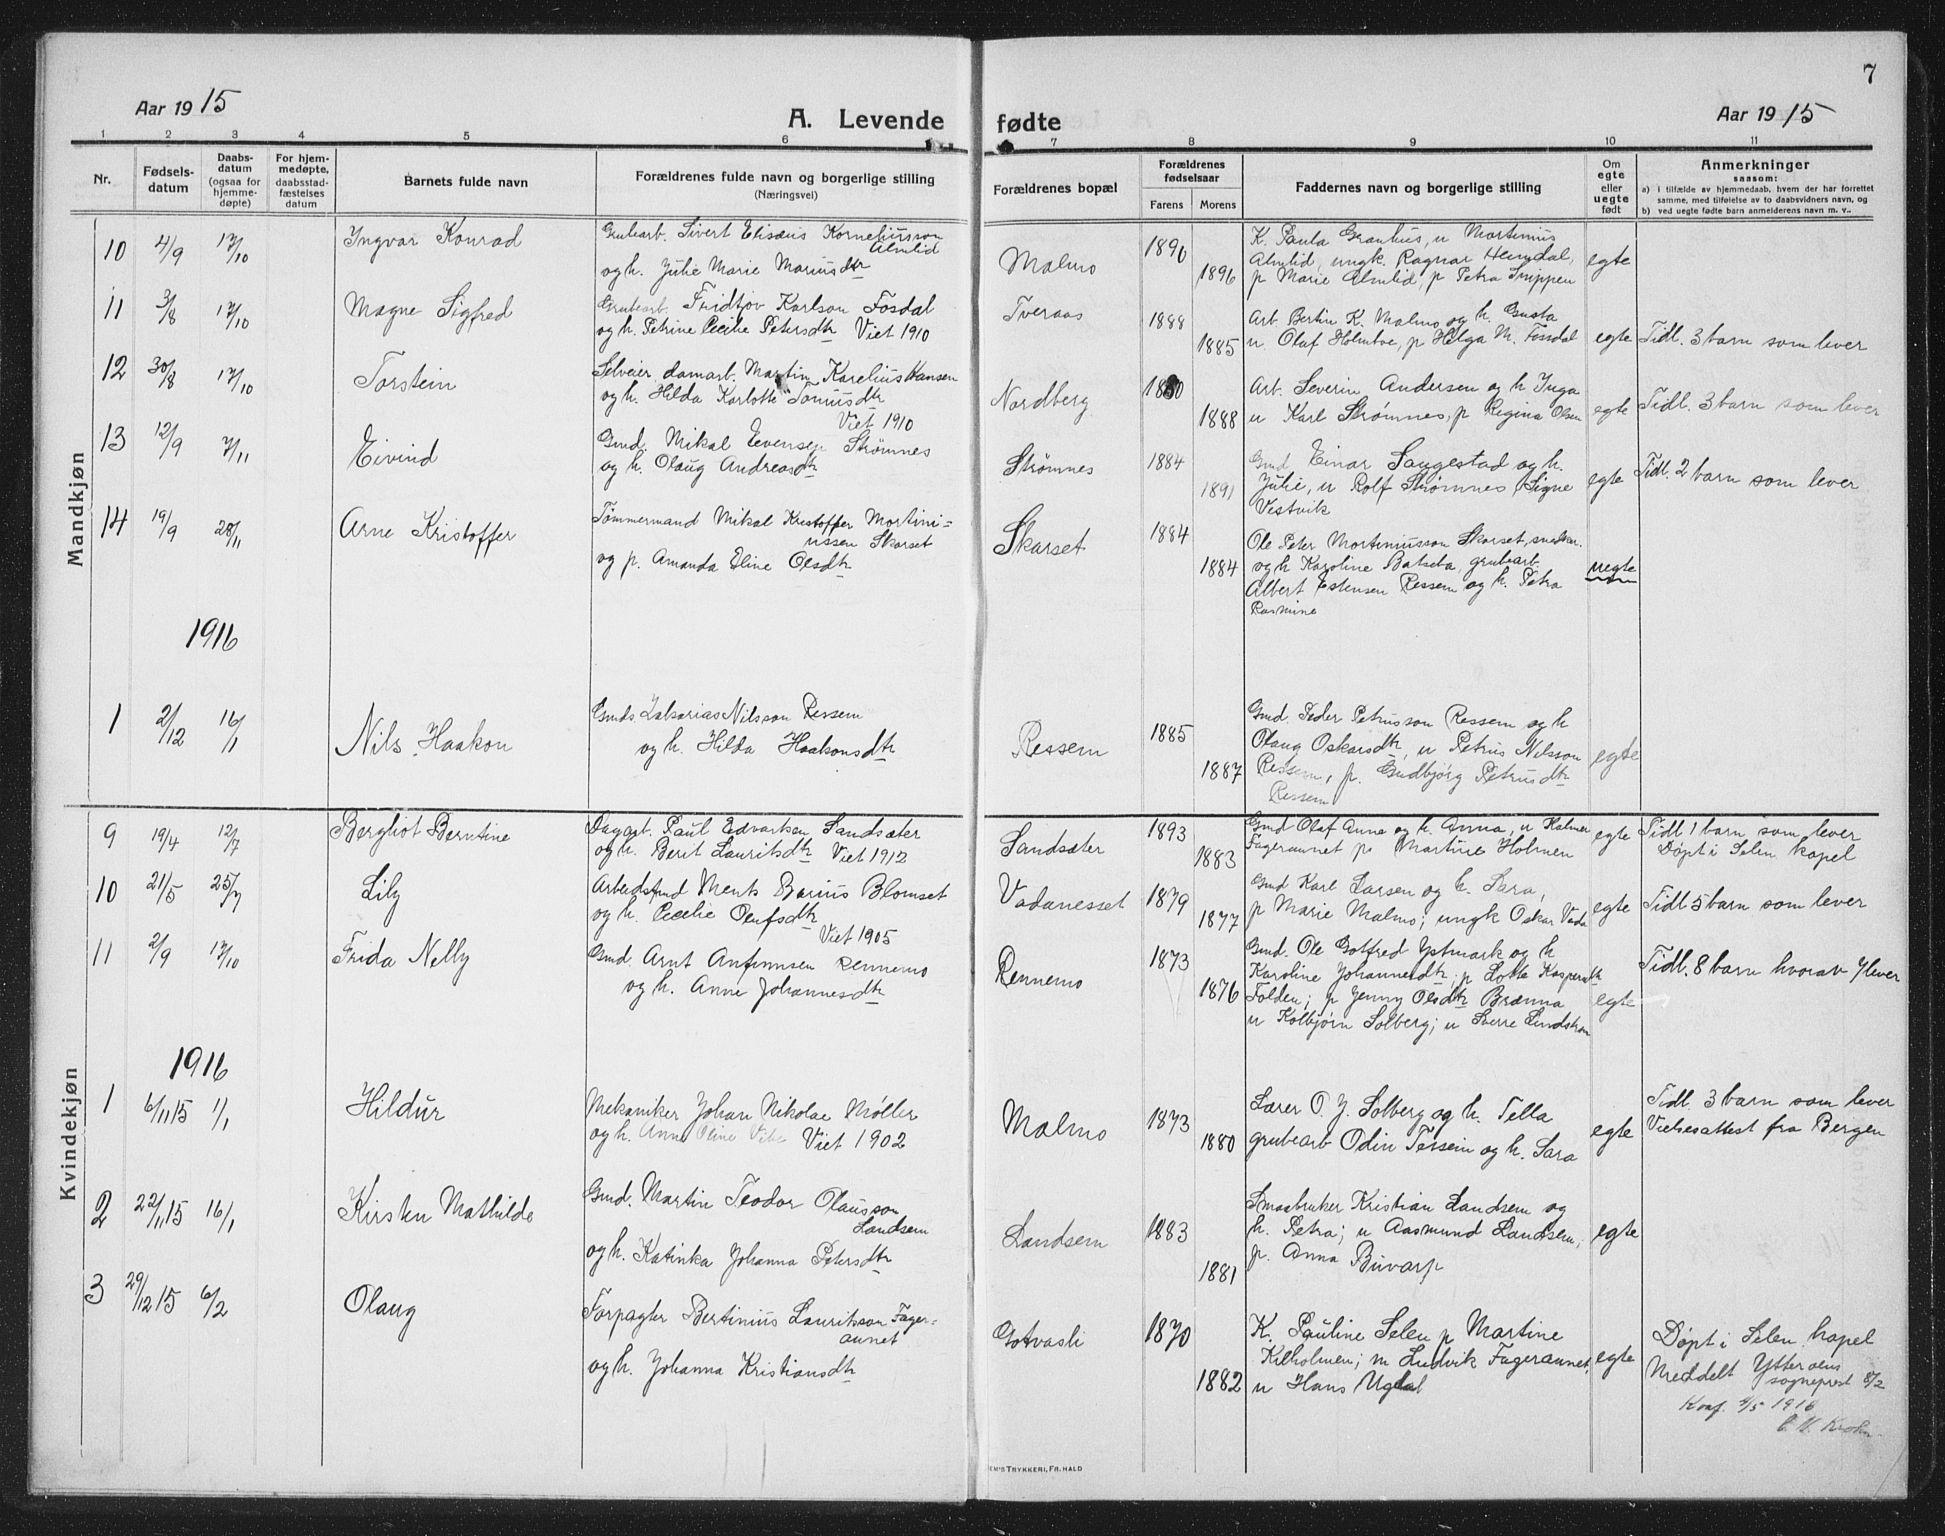 SAT, Ministerialprotokoller, klokkerbøker og fødselsregistre - Nord-Trøndelag, 745/L0434: Klokkerbok nr. 745C03, 1914-1937, s. 7